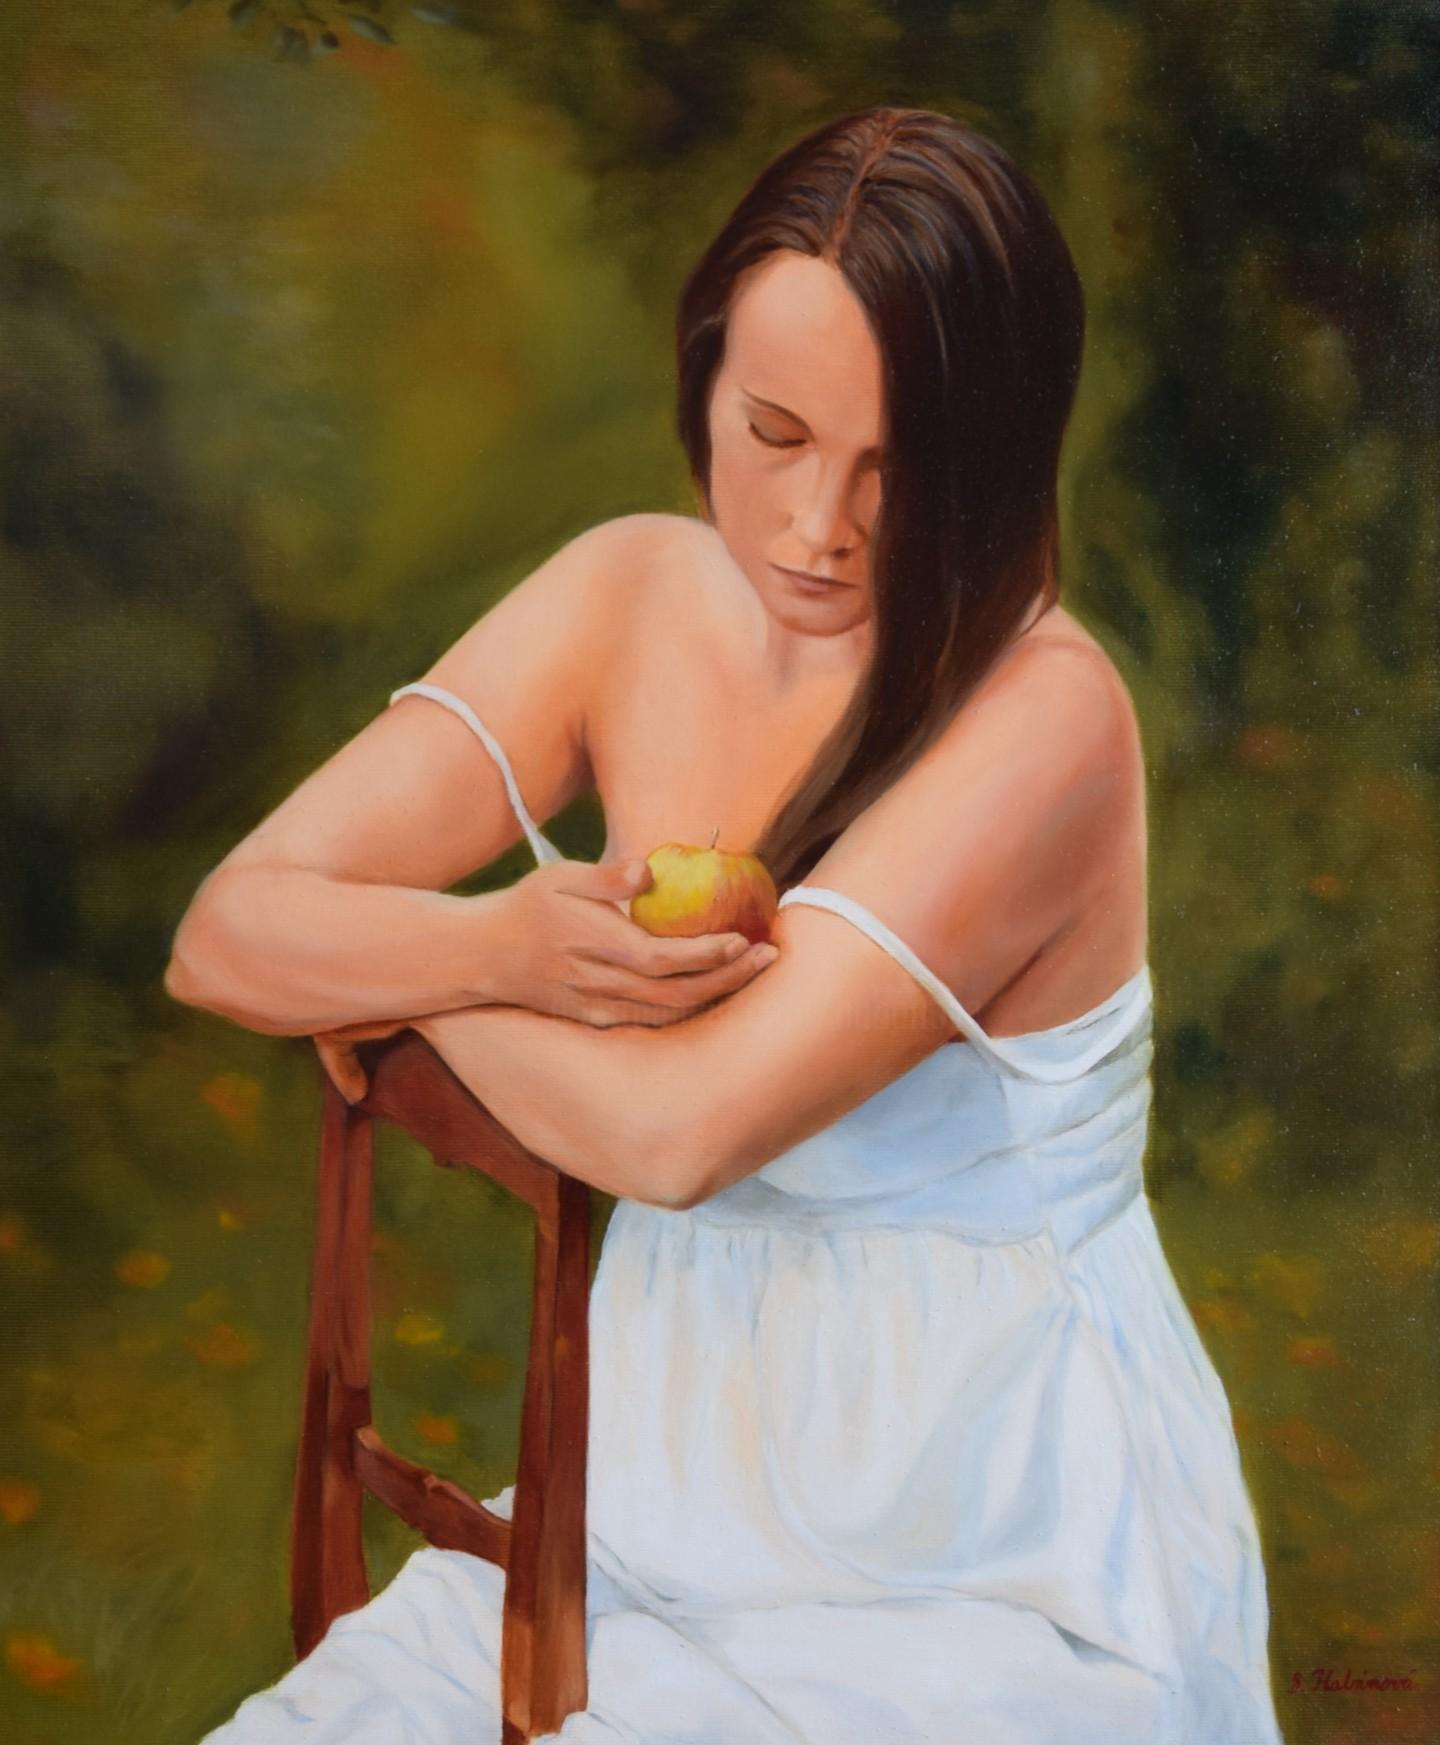 Silvia Habanova - New life